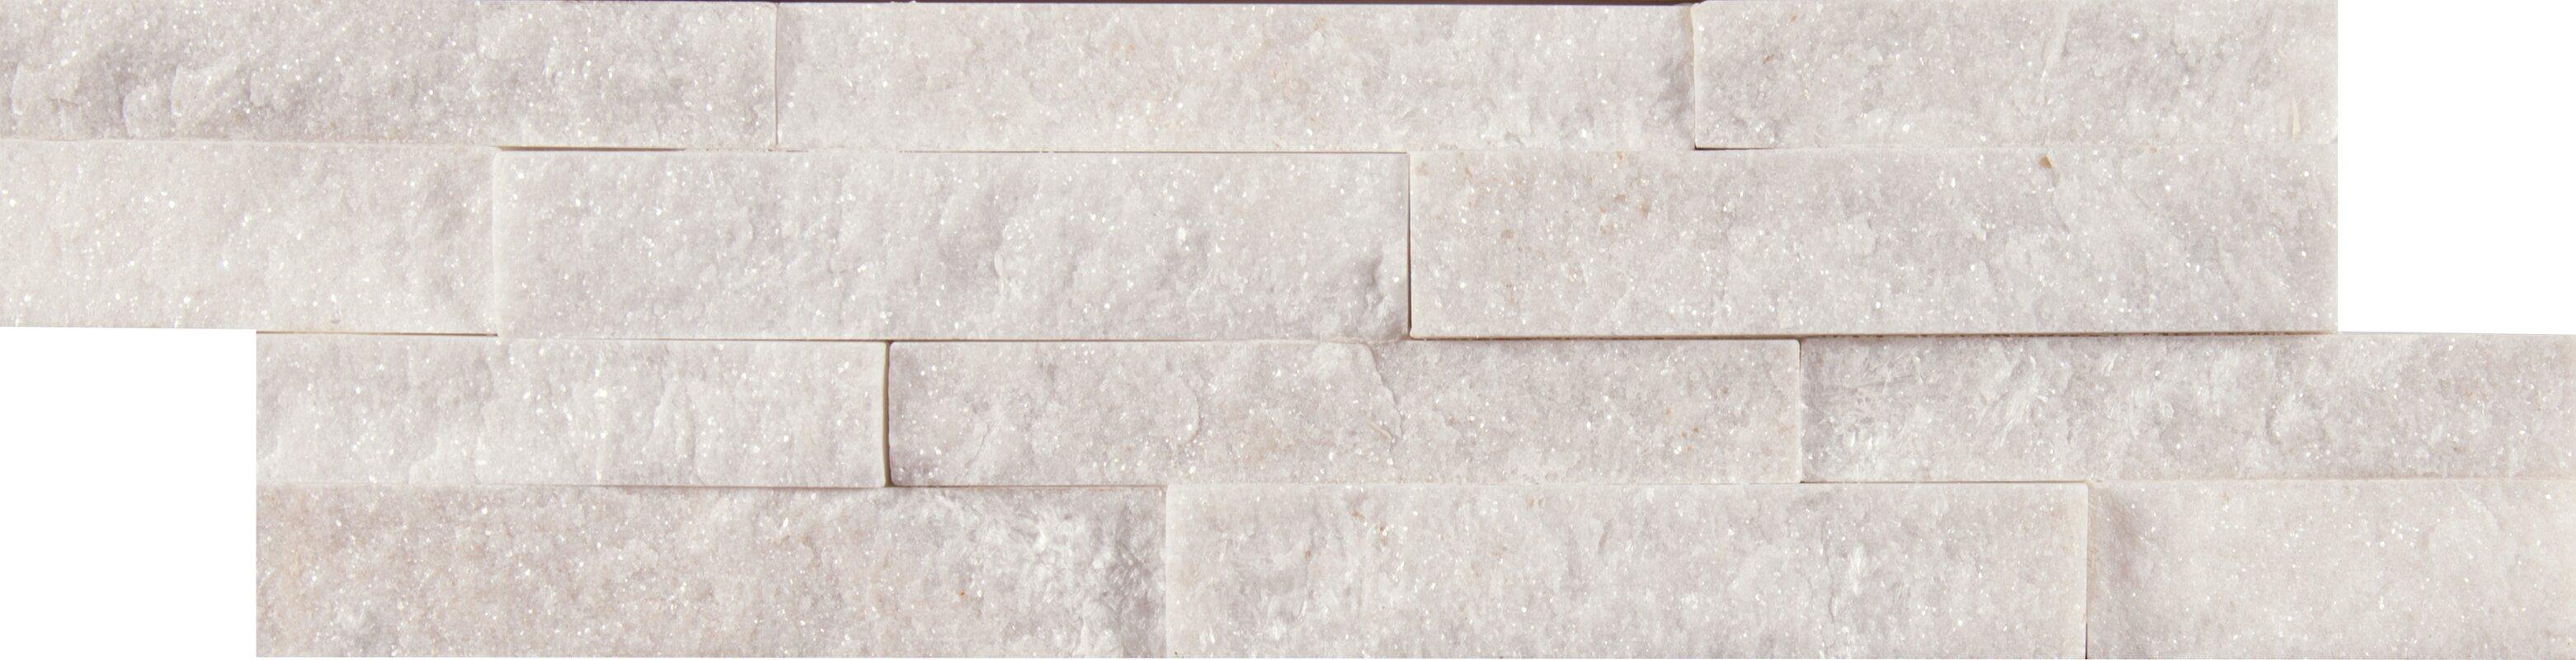 Msi arctic golden mini ledger panel quartzite marble splitface arctic golden mini ledger panel quartzite marble splitfacemosaic tile in white dailygadgetfo Choice Image